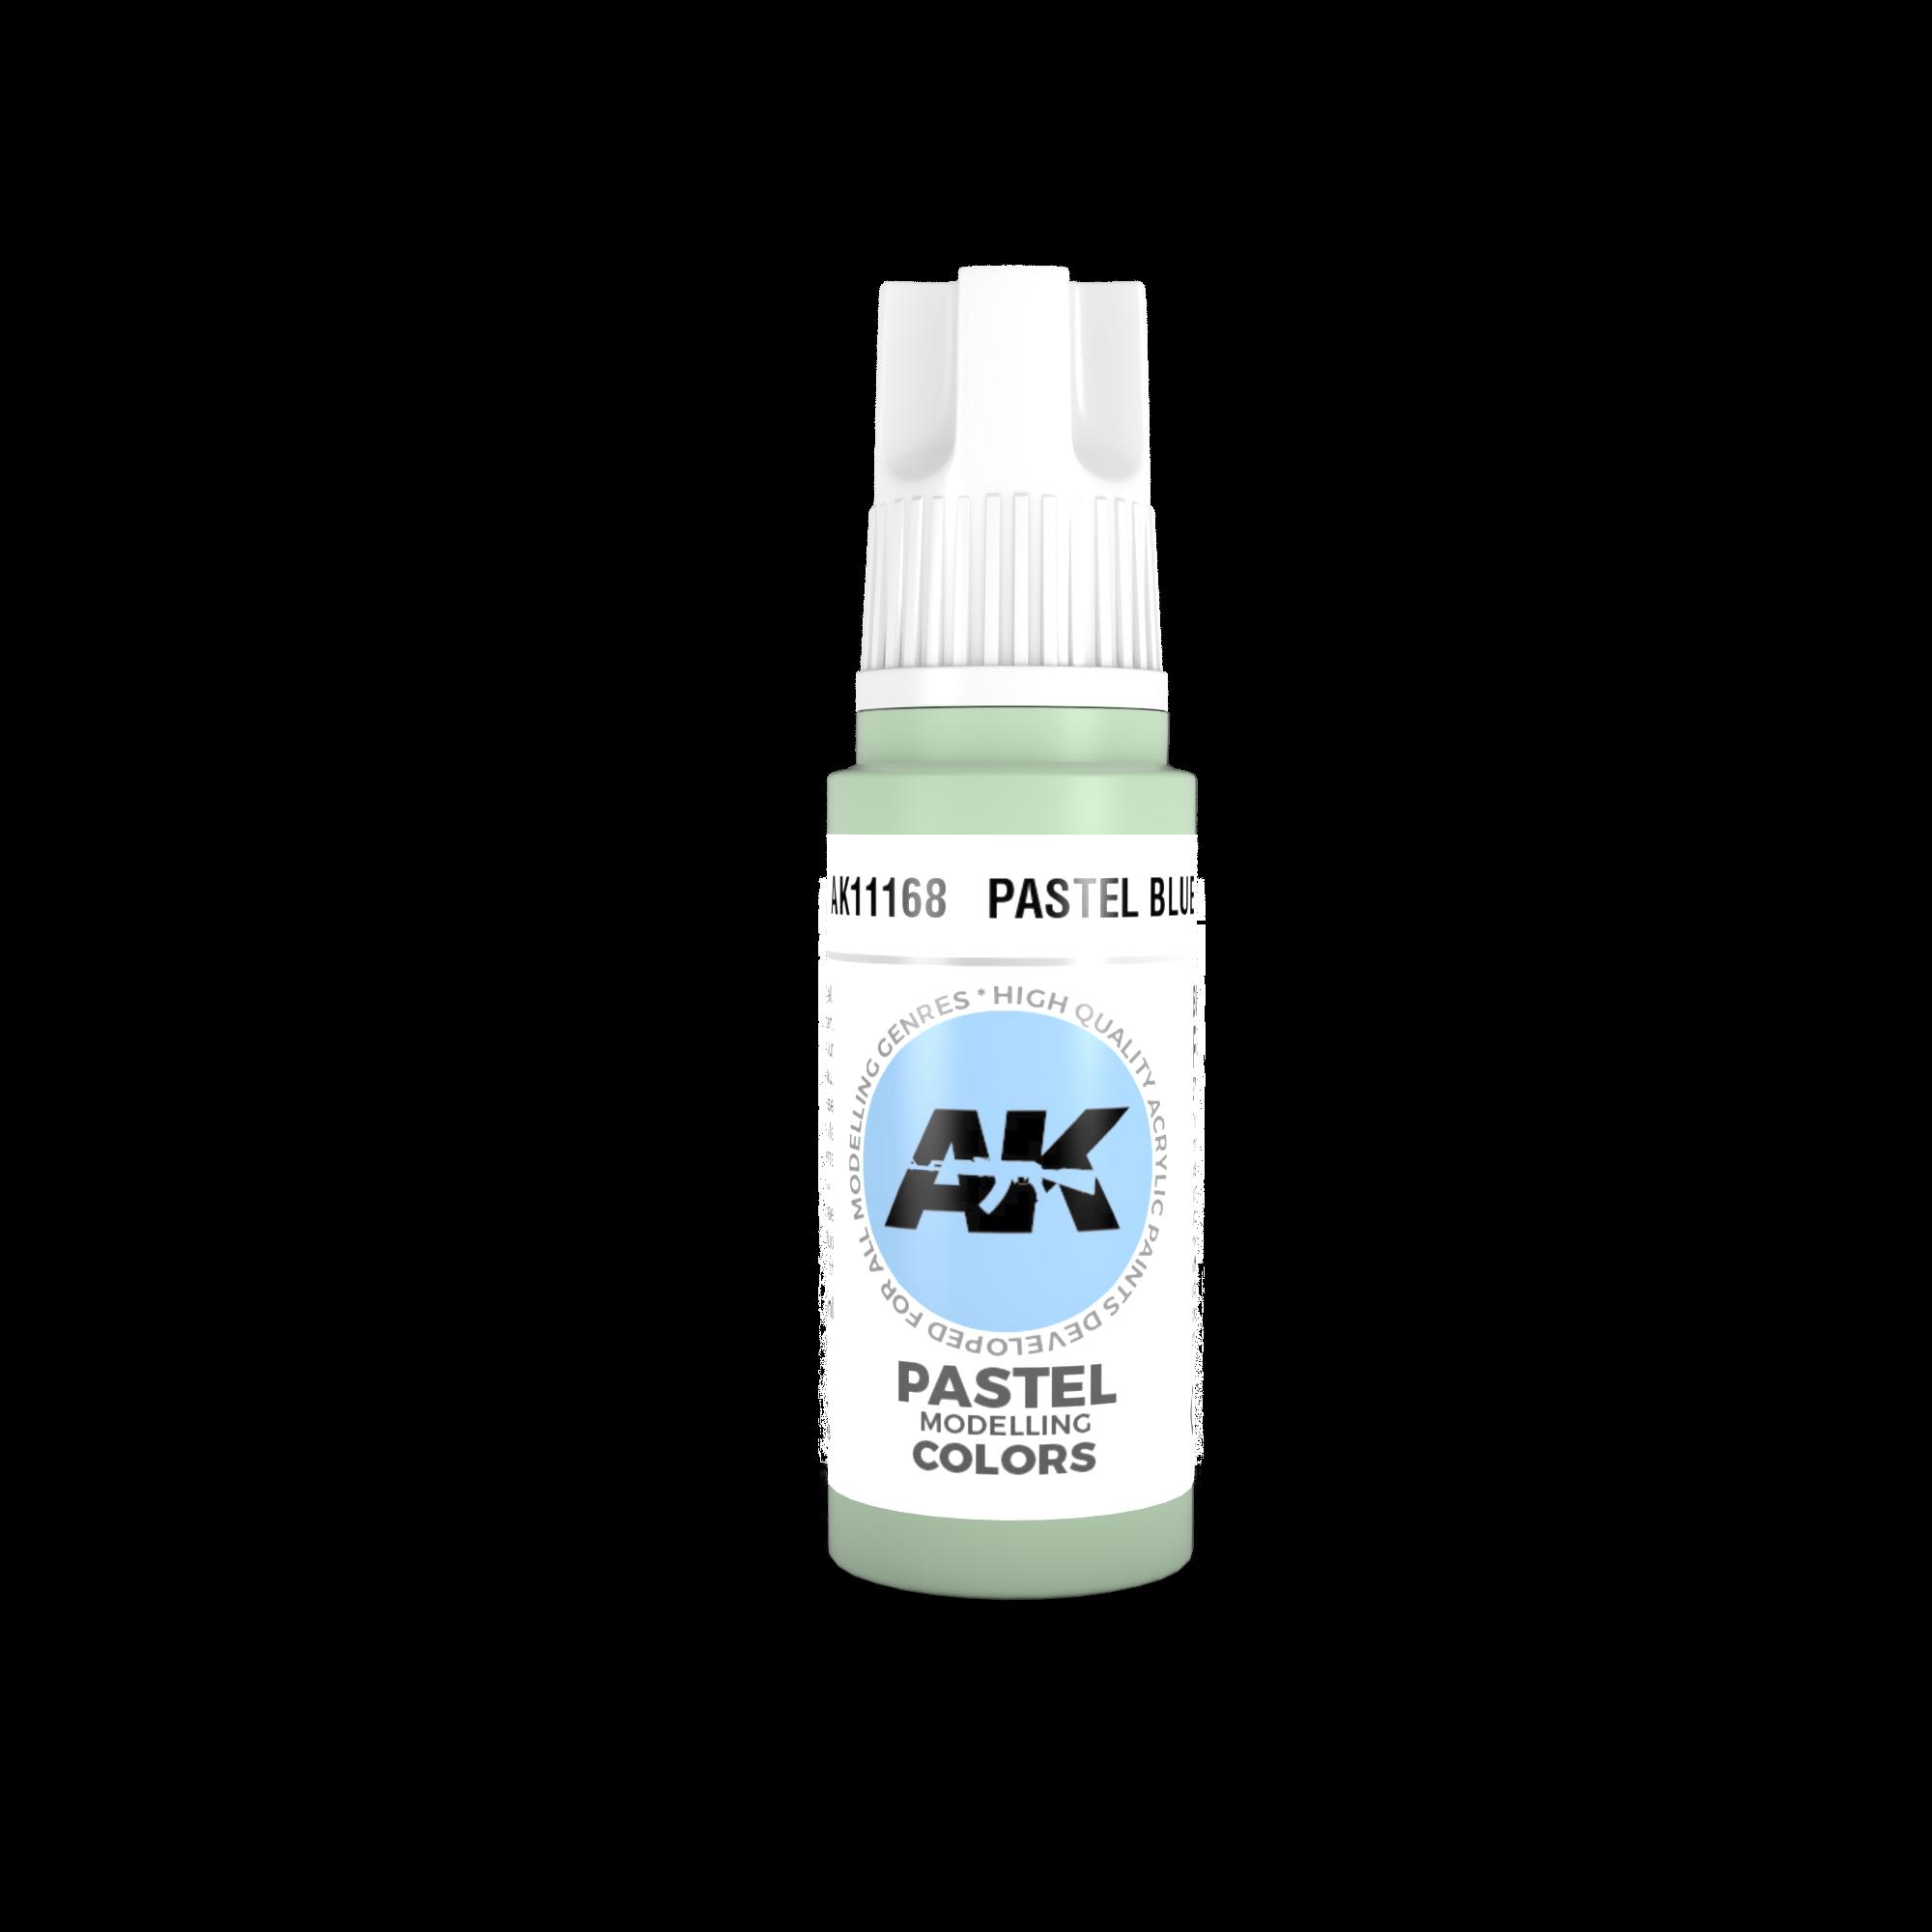 AK-Interactive Pastel Blue Acrylic Modelling Color - 17ml - AK-11168